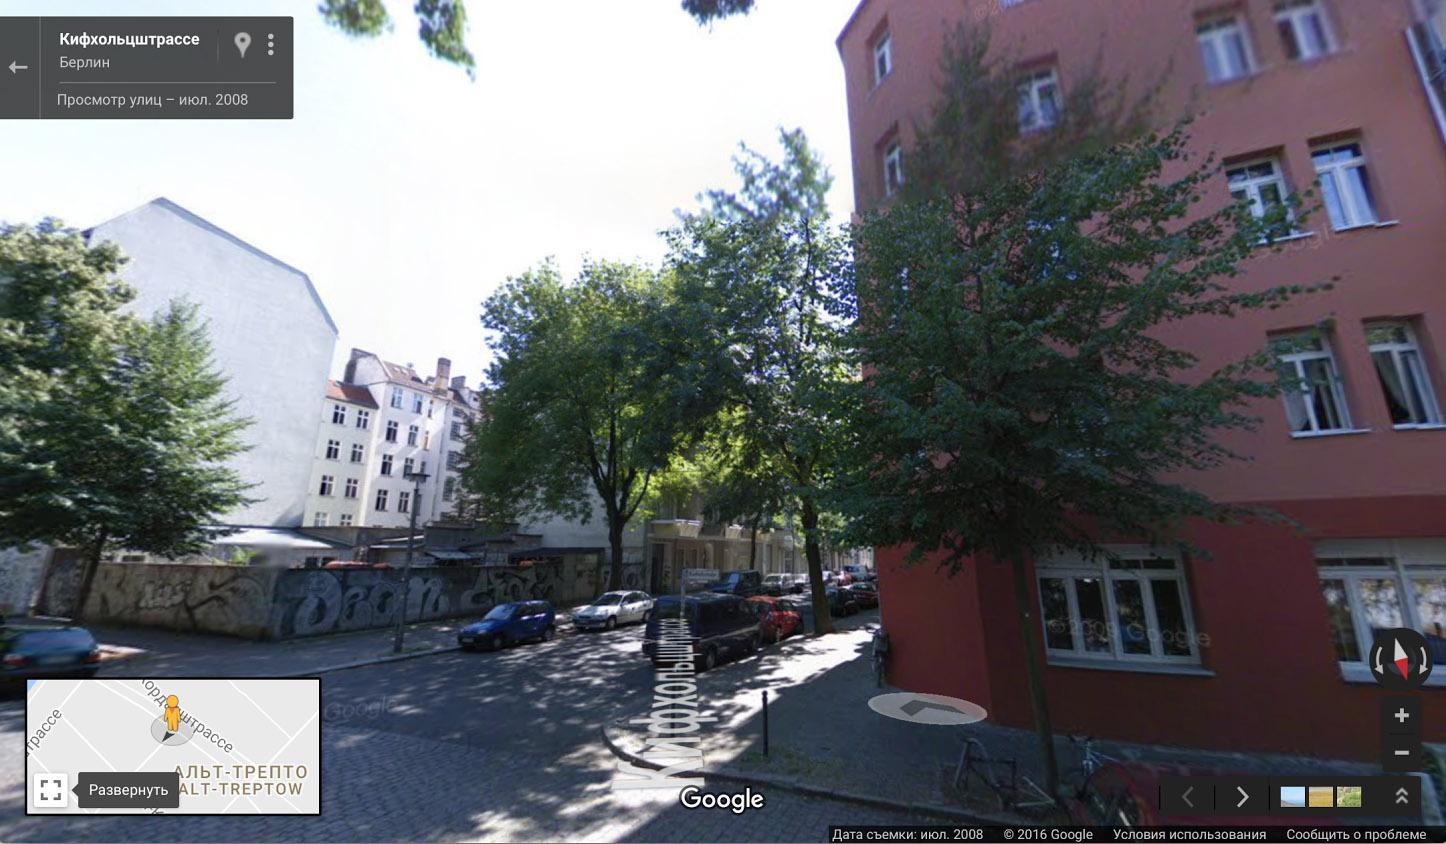 Вот наш временный дом в Берлине. Если погулять стрит-вью по окрестностям,   то можно увидеть огромный парк, полный торговцев травкой